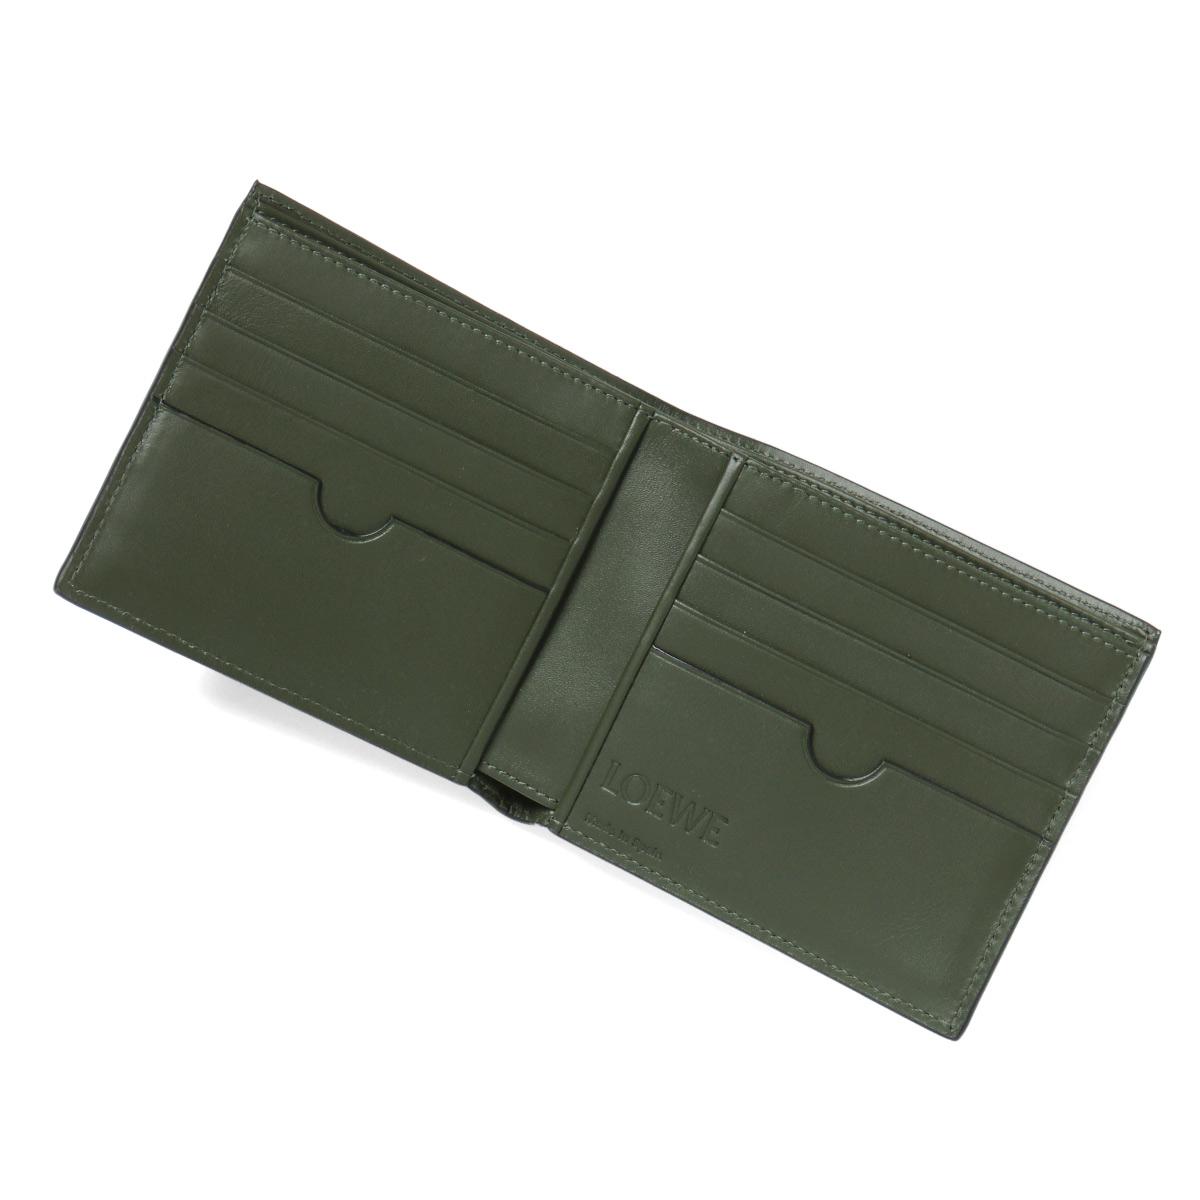 5ba5fcb4 109 Loewe LOEWE wallet men 80 302 1100 1217 folio wallet BLACK/KHAKI GREEN  black